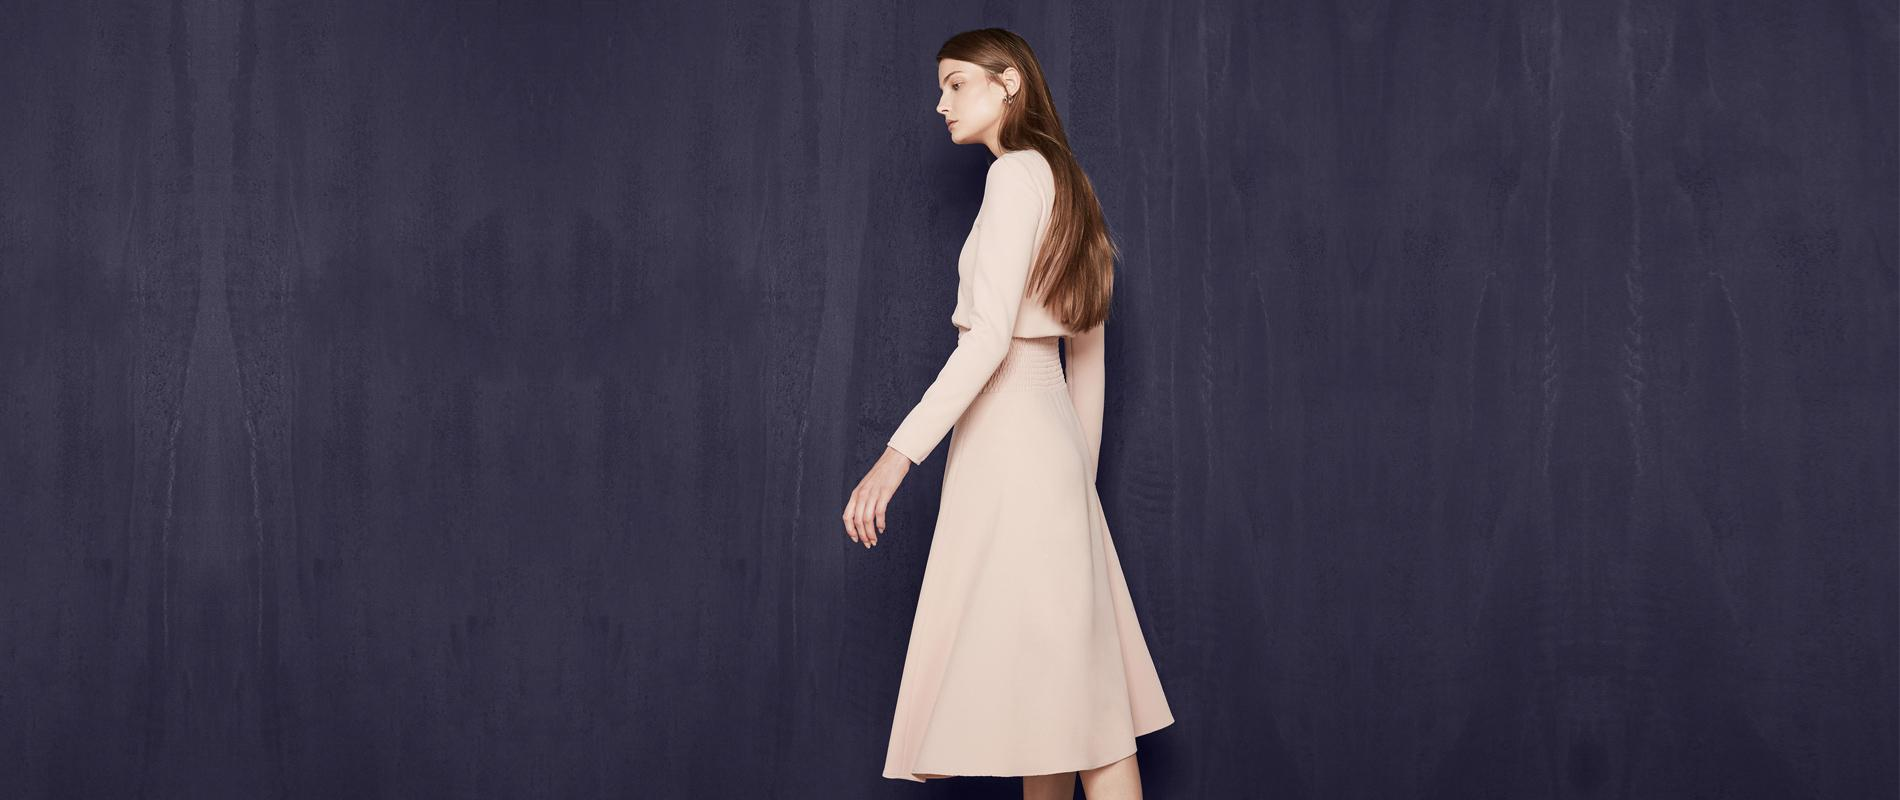 Invit e comment s 39 habiller pour un mariage en hiver madame figaro - Comment s habiller pour un mariage en hiver ...